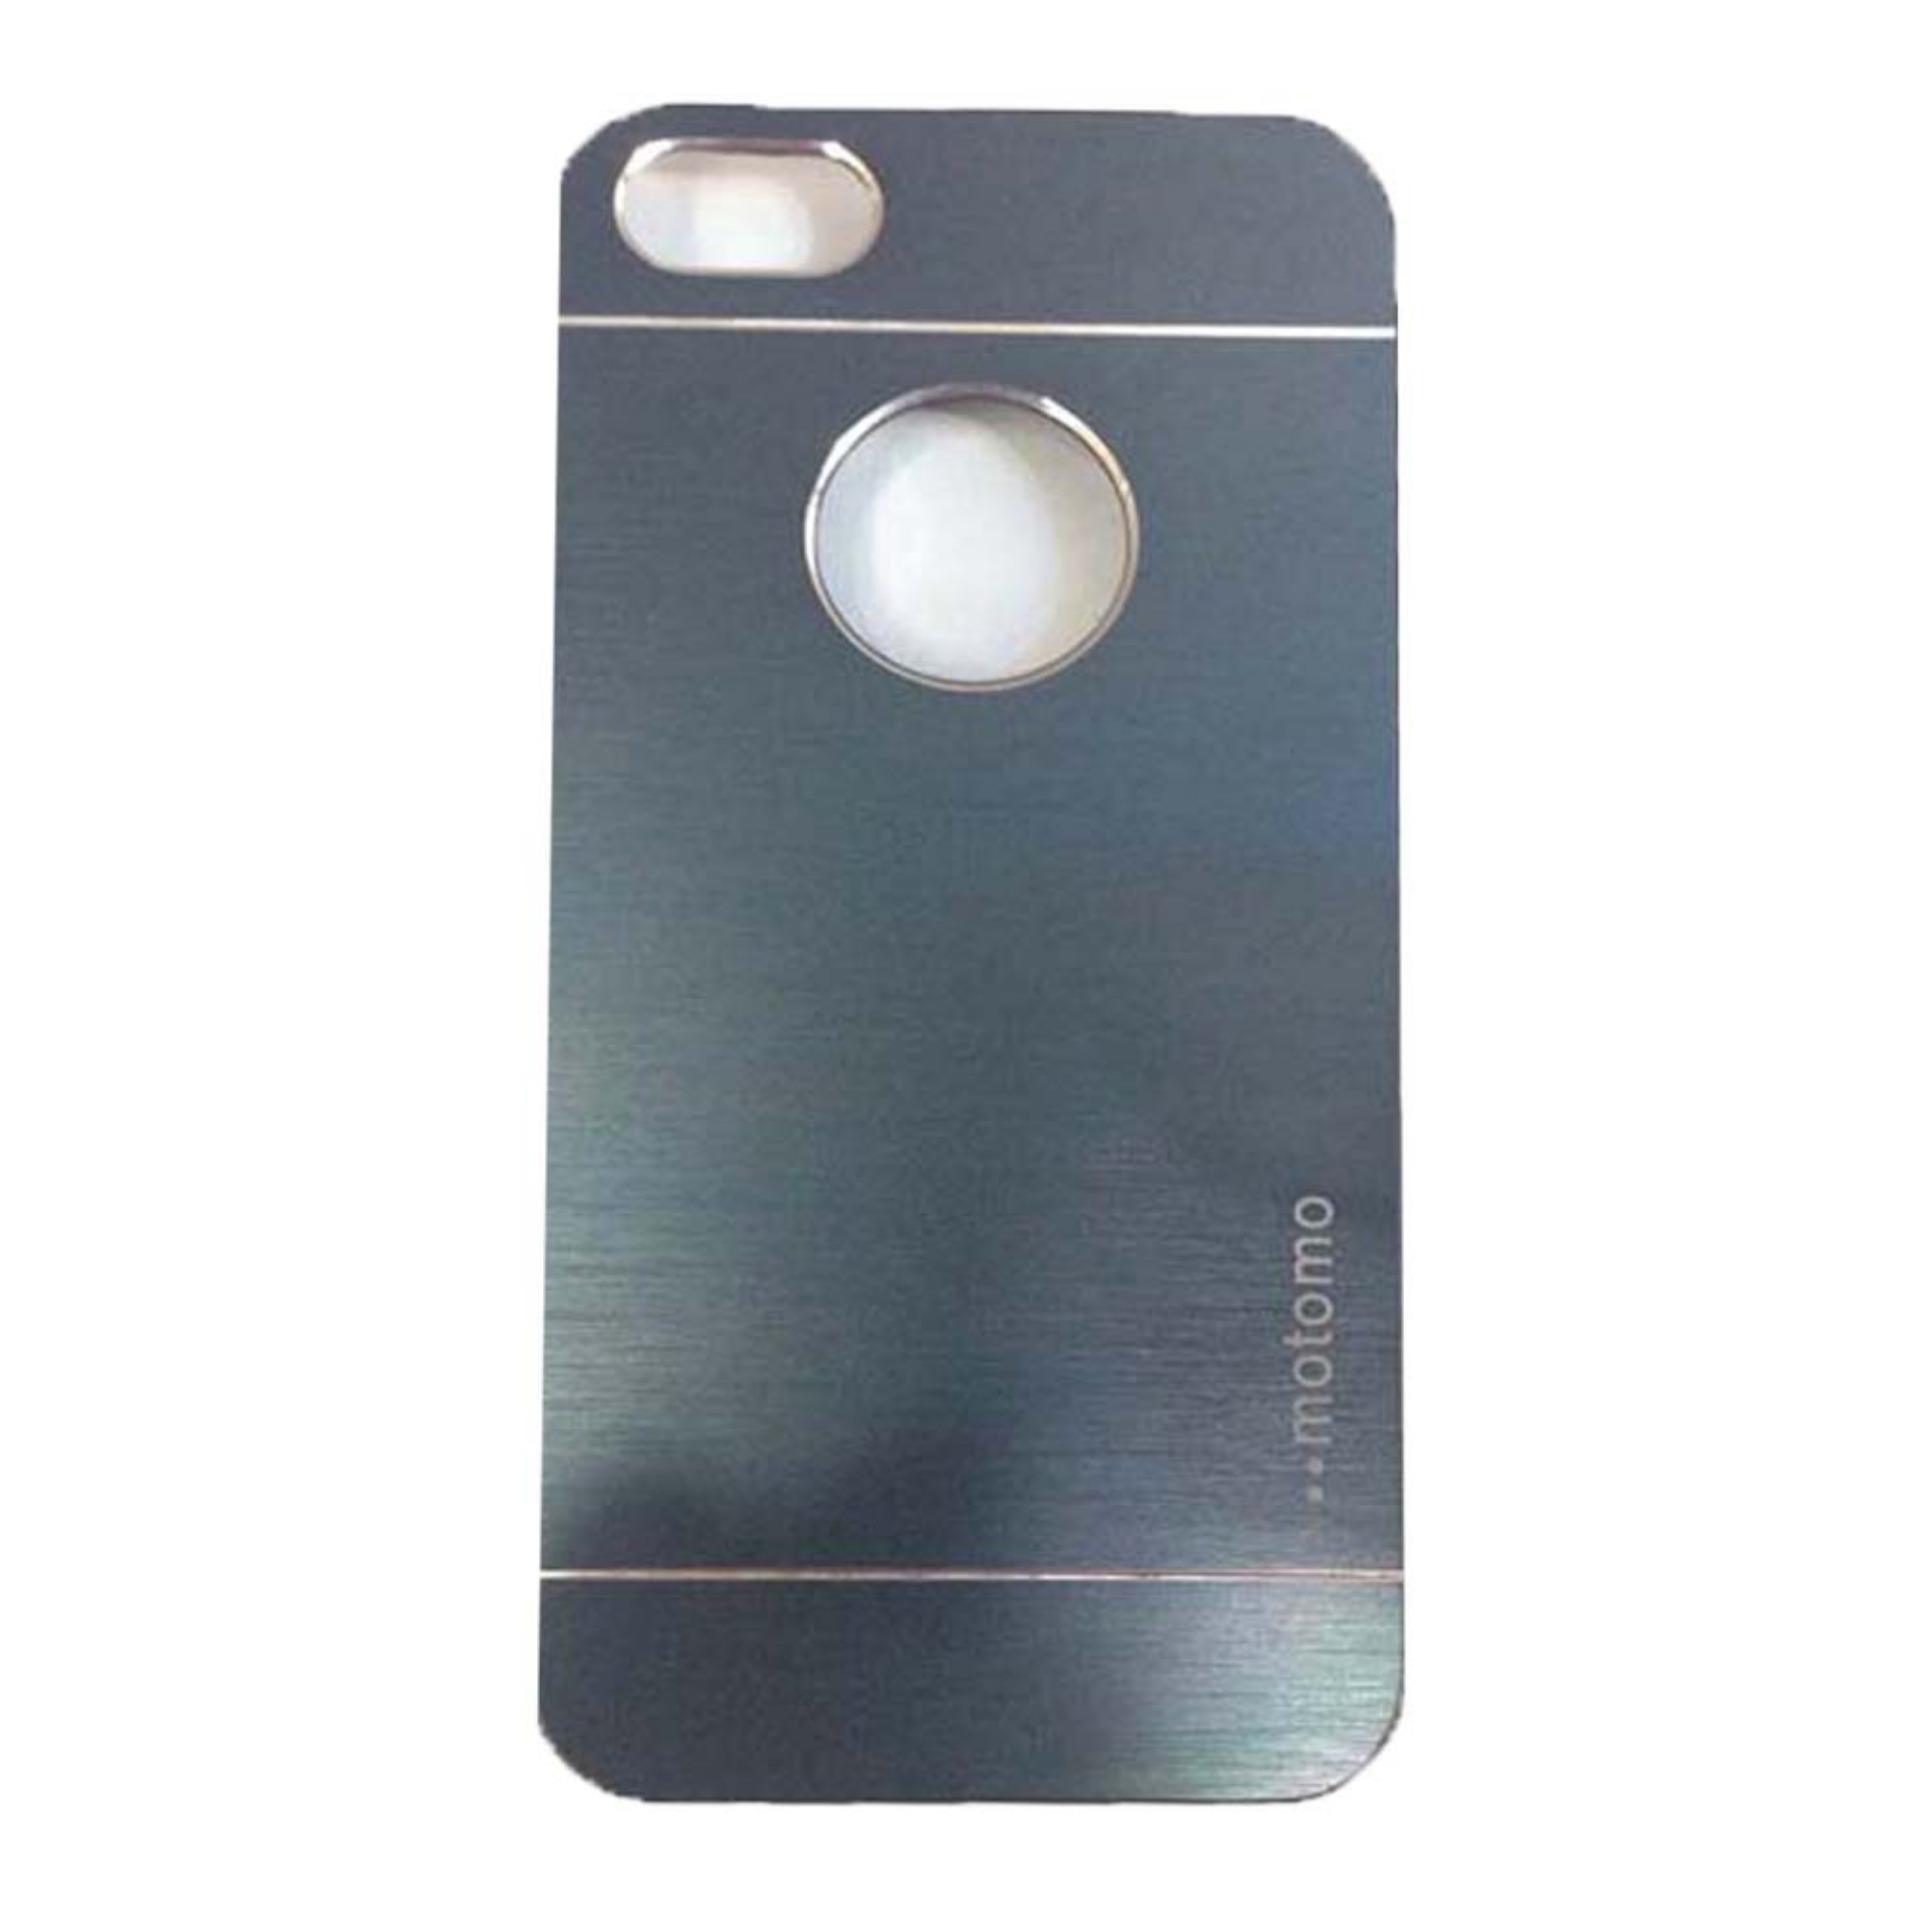 Motomo Metal Case For Apple iPhone 6 Plus / iphone6+ / Iphone 6Plus .